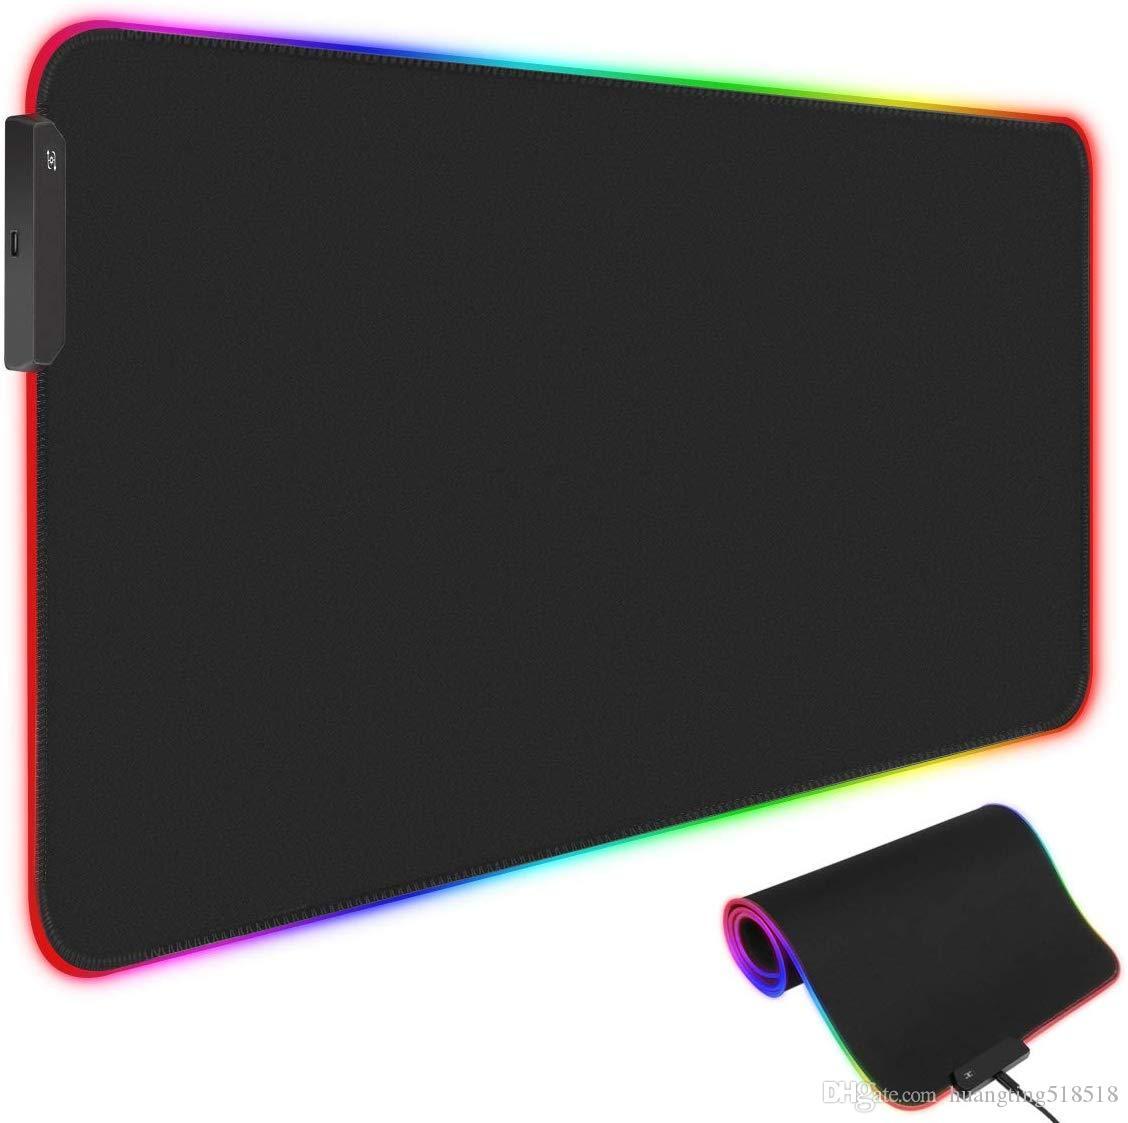 RGB ماوس الألعاب بساط الوسادة، الموسعة بقيادة ماوس الفأر مع 10 RGB الإضاءة وسائط، عدم الانزلاق المطاط قاعدة الحاسوب وسادة لوحة المفاتيح (800 * 300 * 4MM)